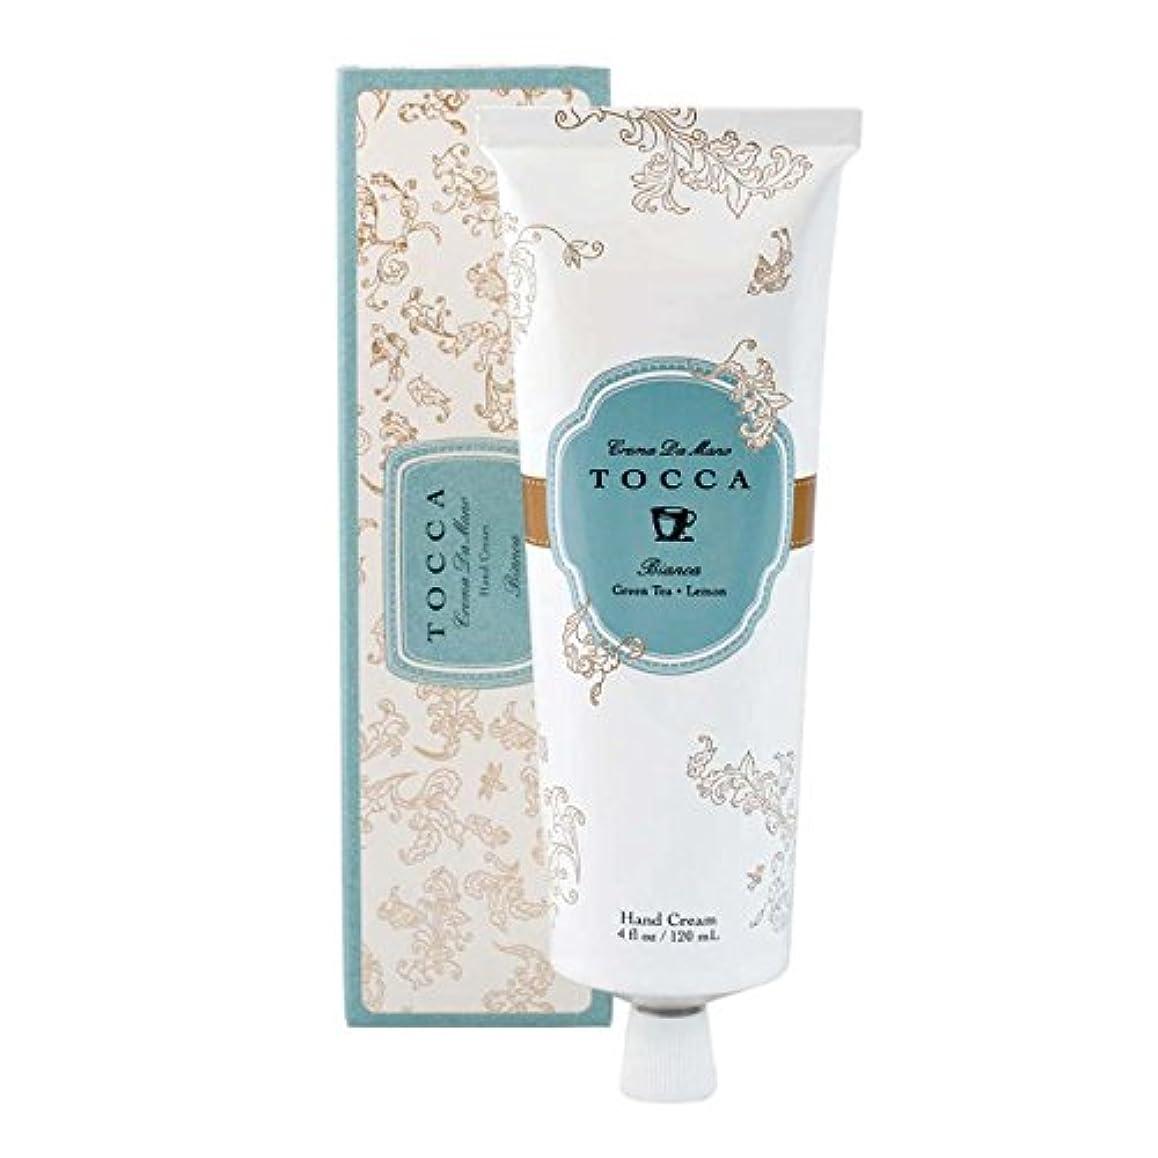 離すインテリアペンフレンドトッカ(TOCCA) ハンドクリーム ビアンカの香り 120ml